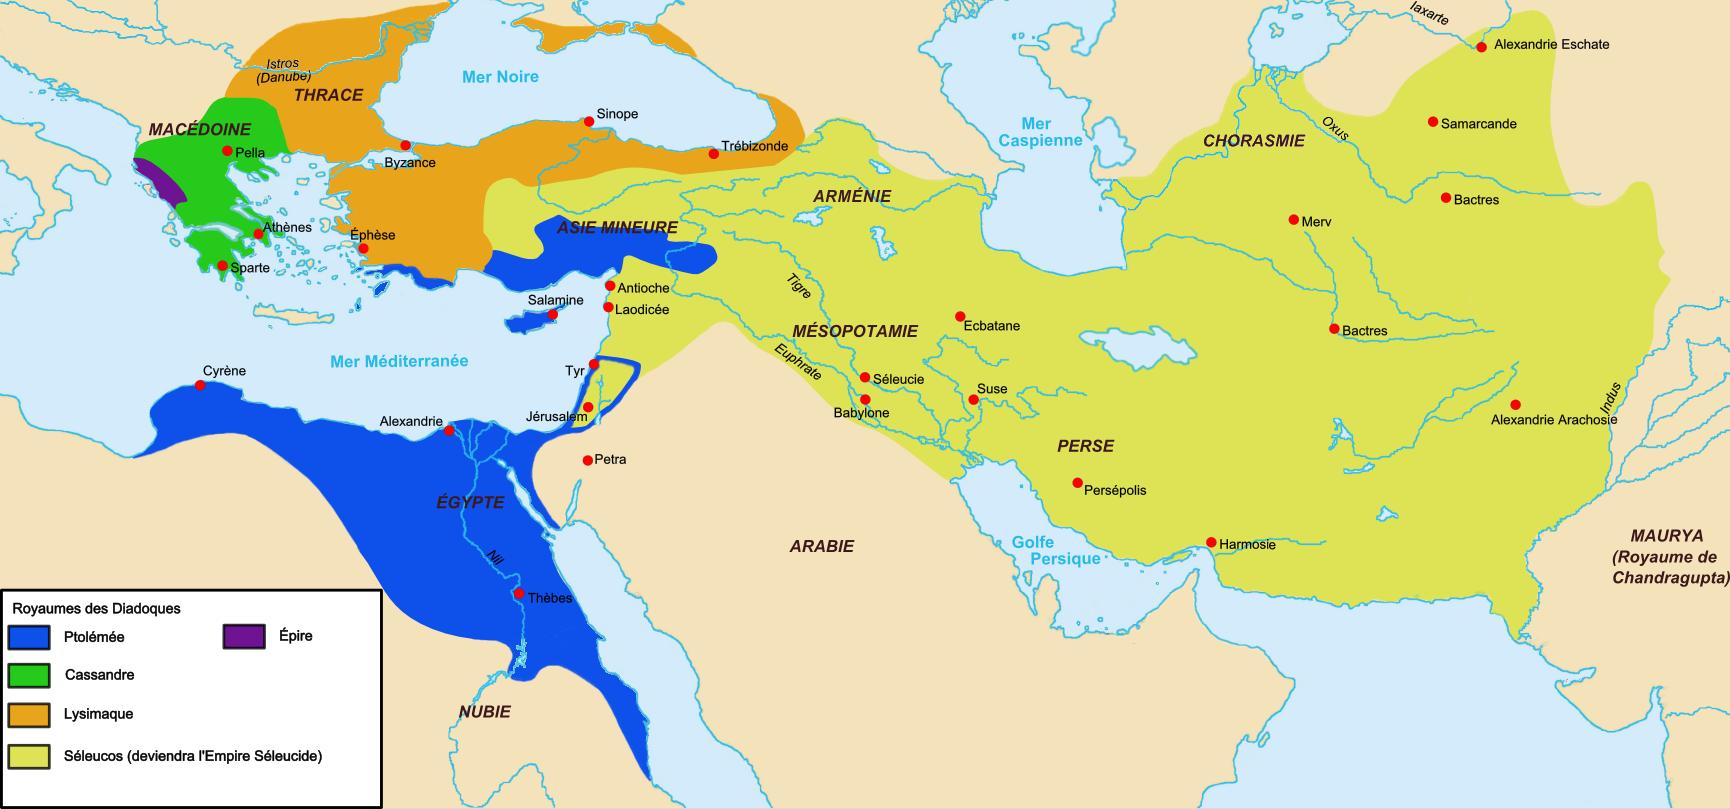 Monnayage d'Alexandre le grand, des Diadoques & des Epigones Map_Diadochs-fr